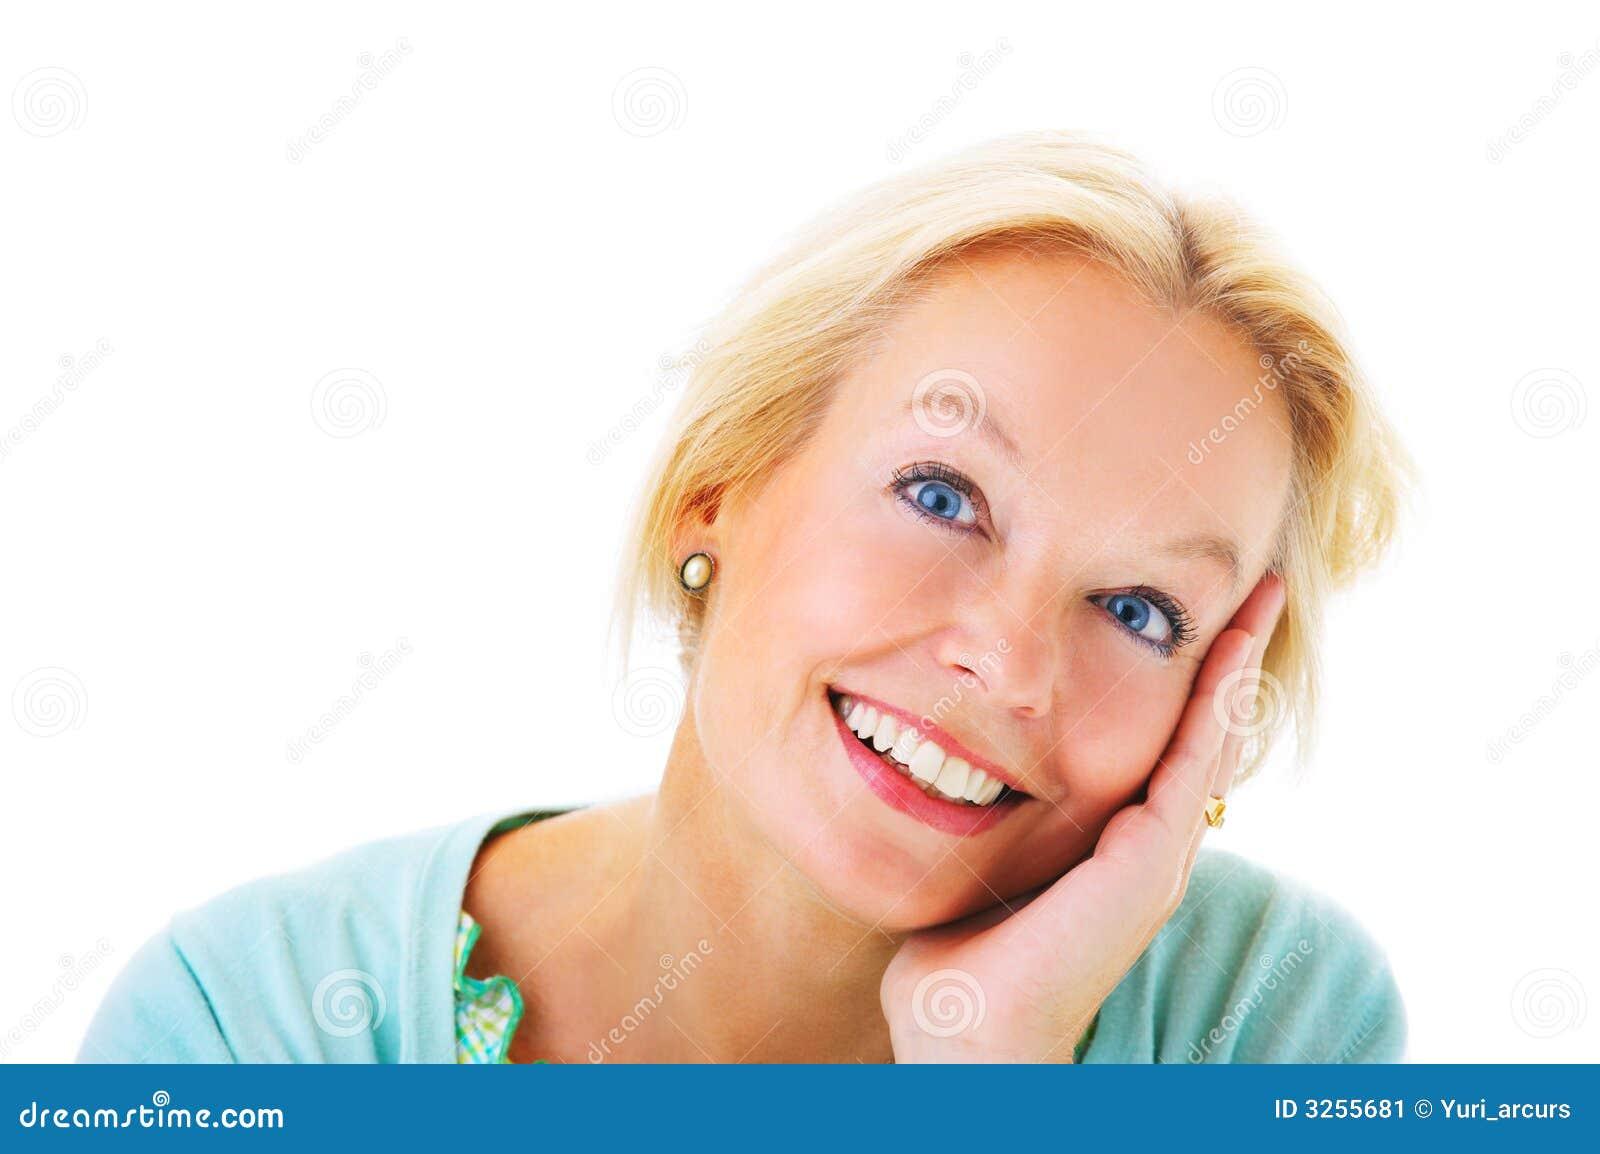 Я хочу женщину старше 45 лет 17 фотография